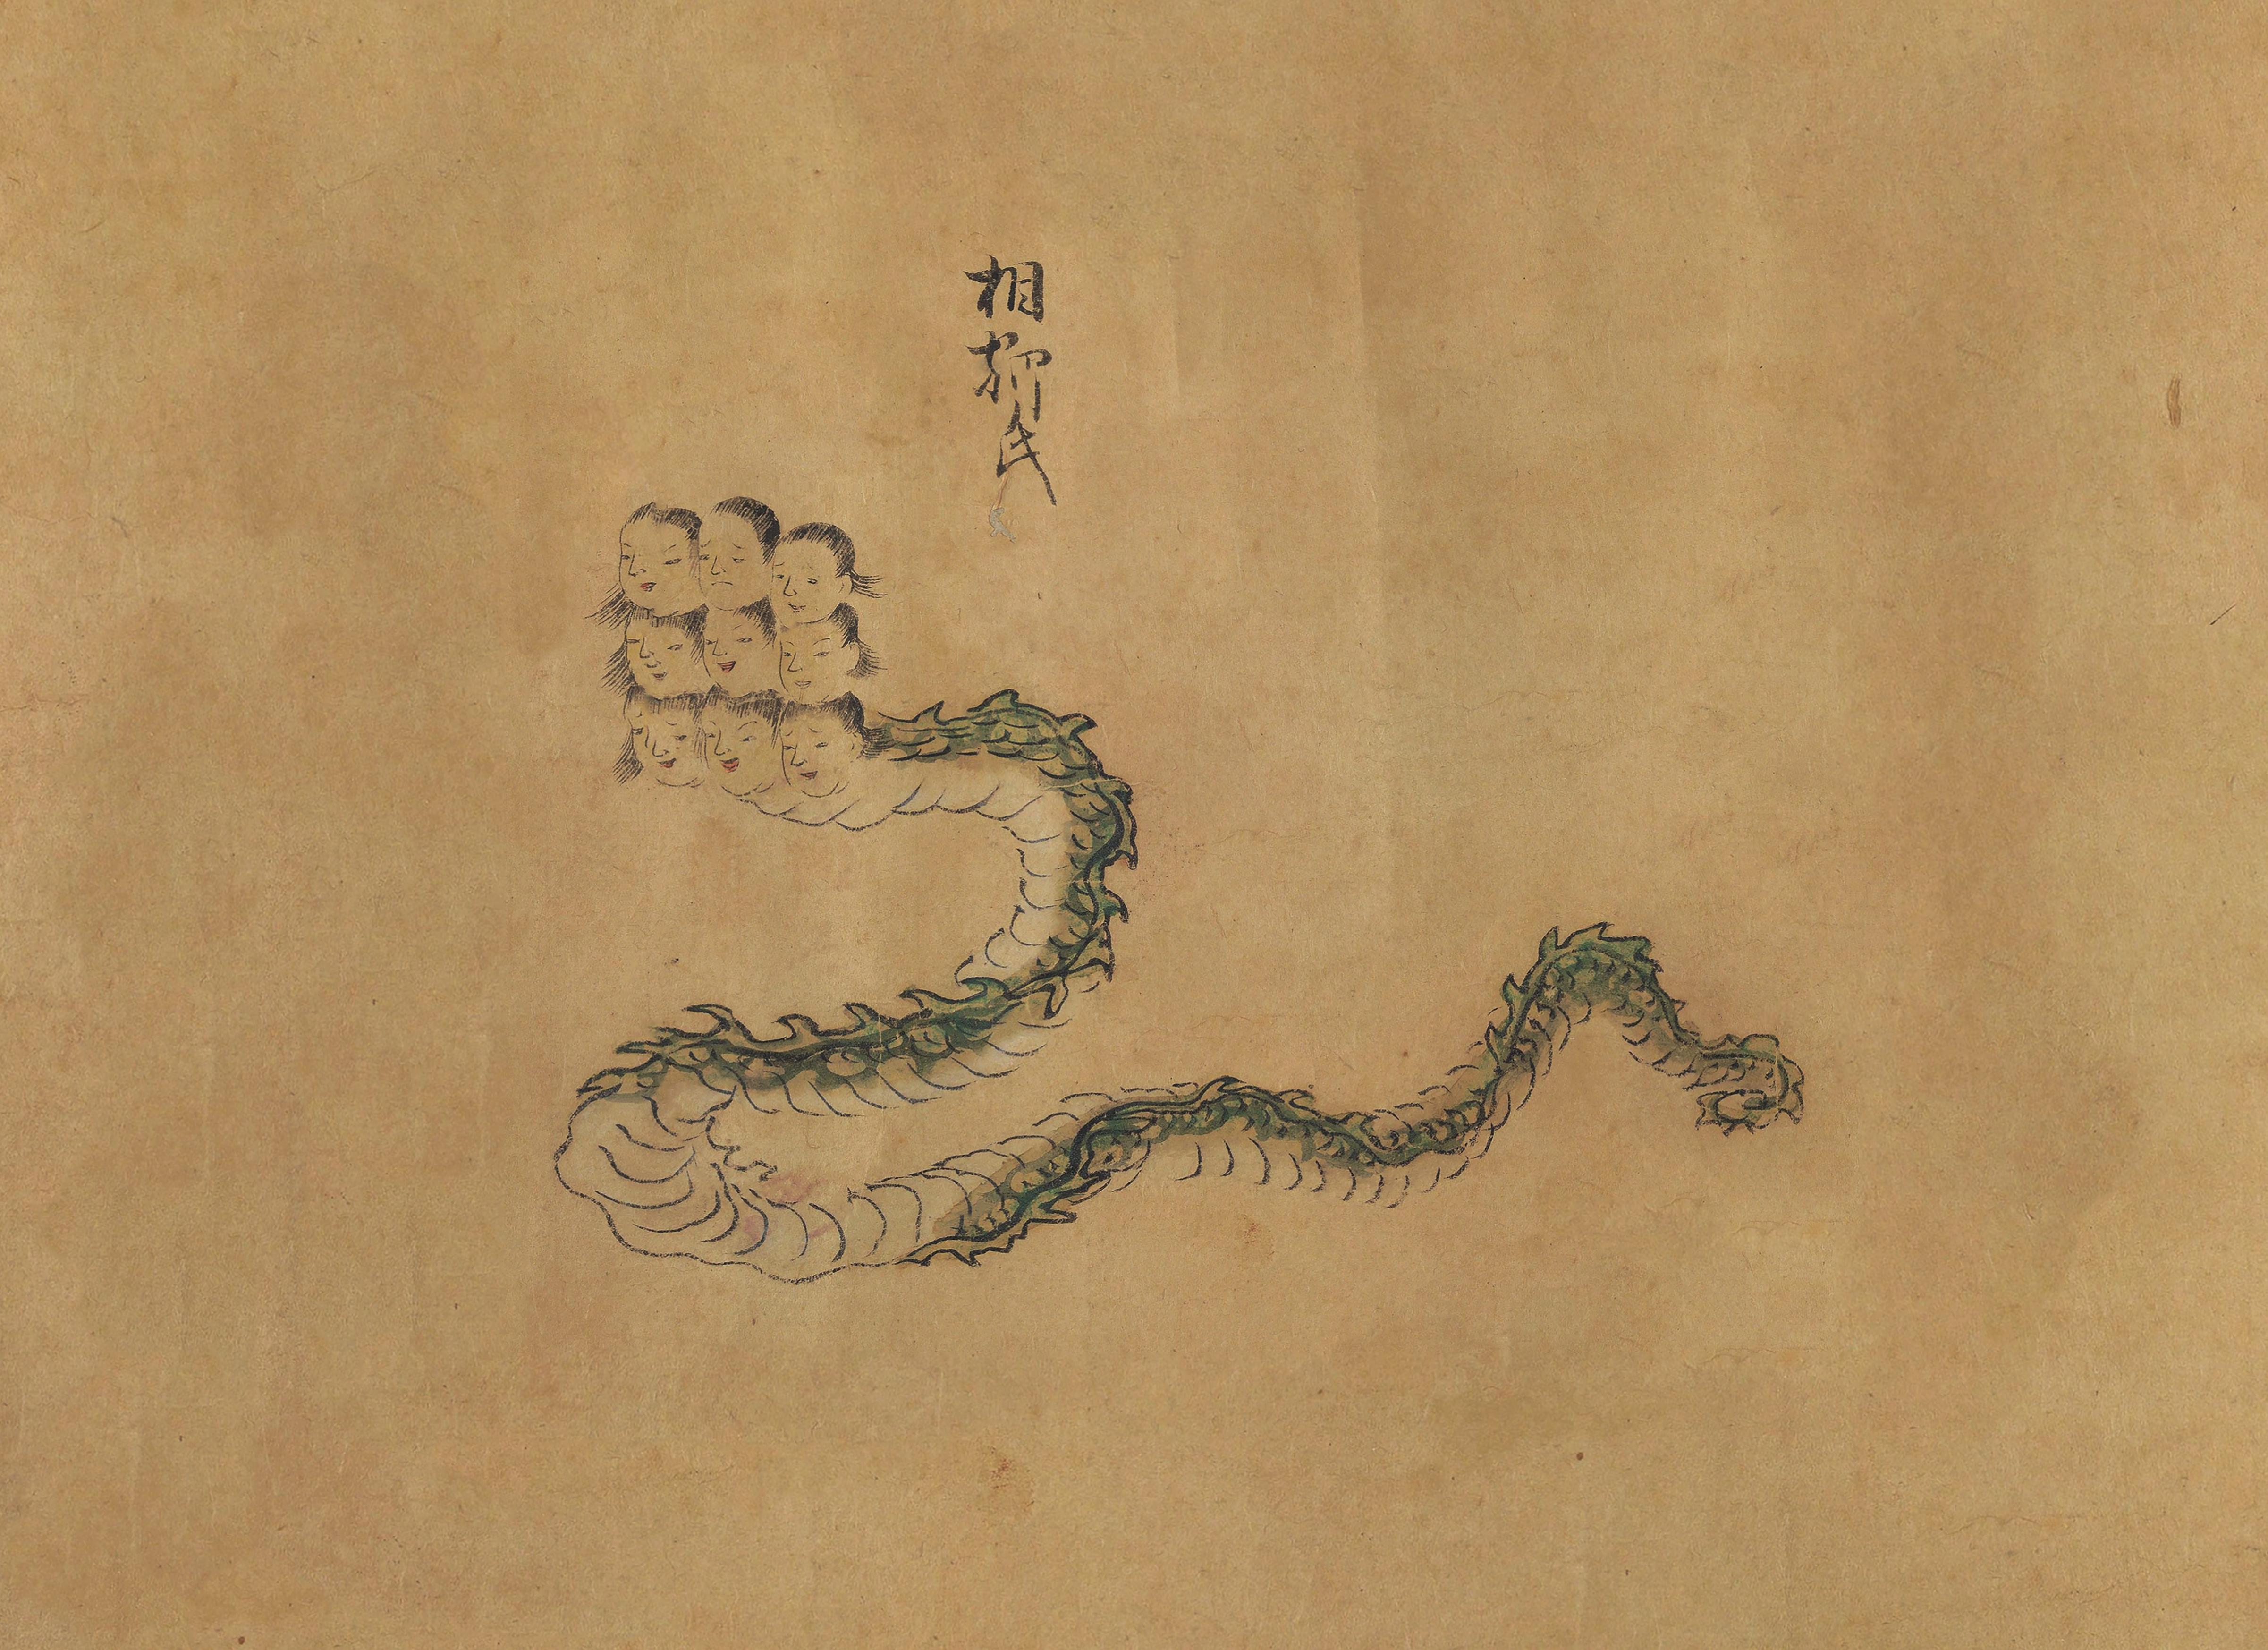 XiangLiu1